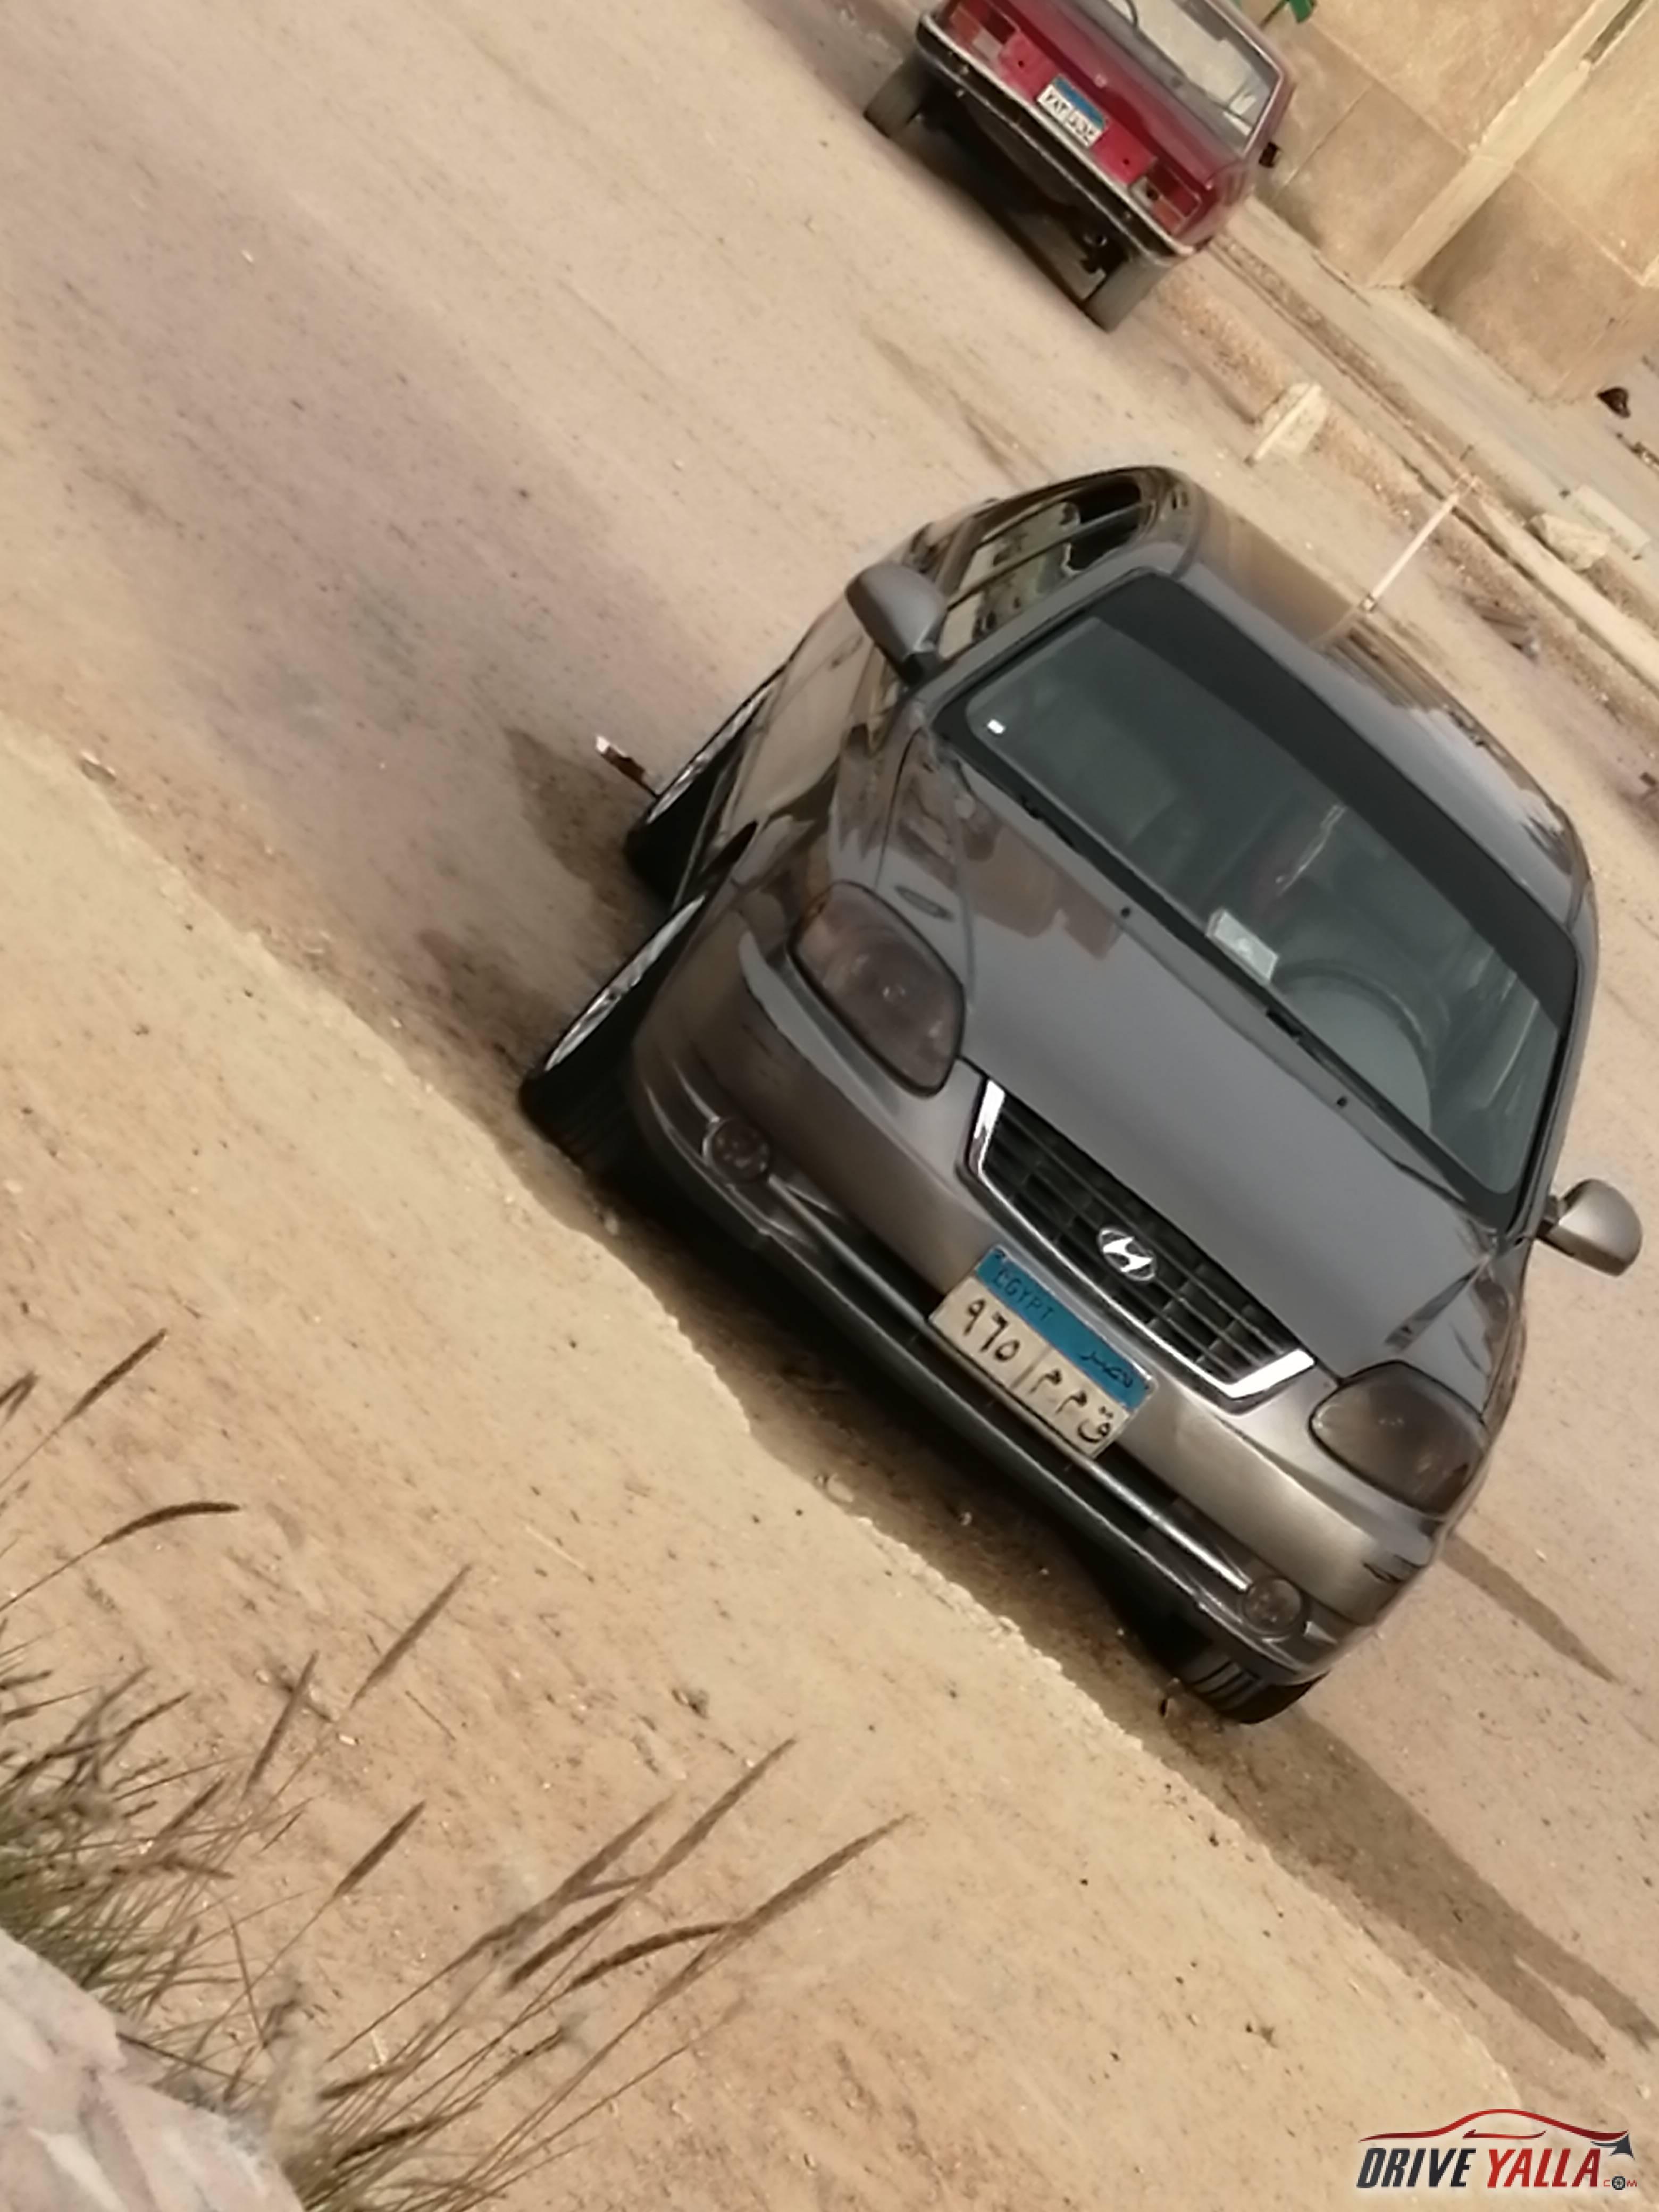 هيونداي فيرنا مستعملة للبيع فى مصر 2013